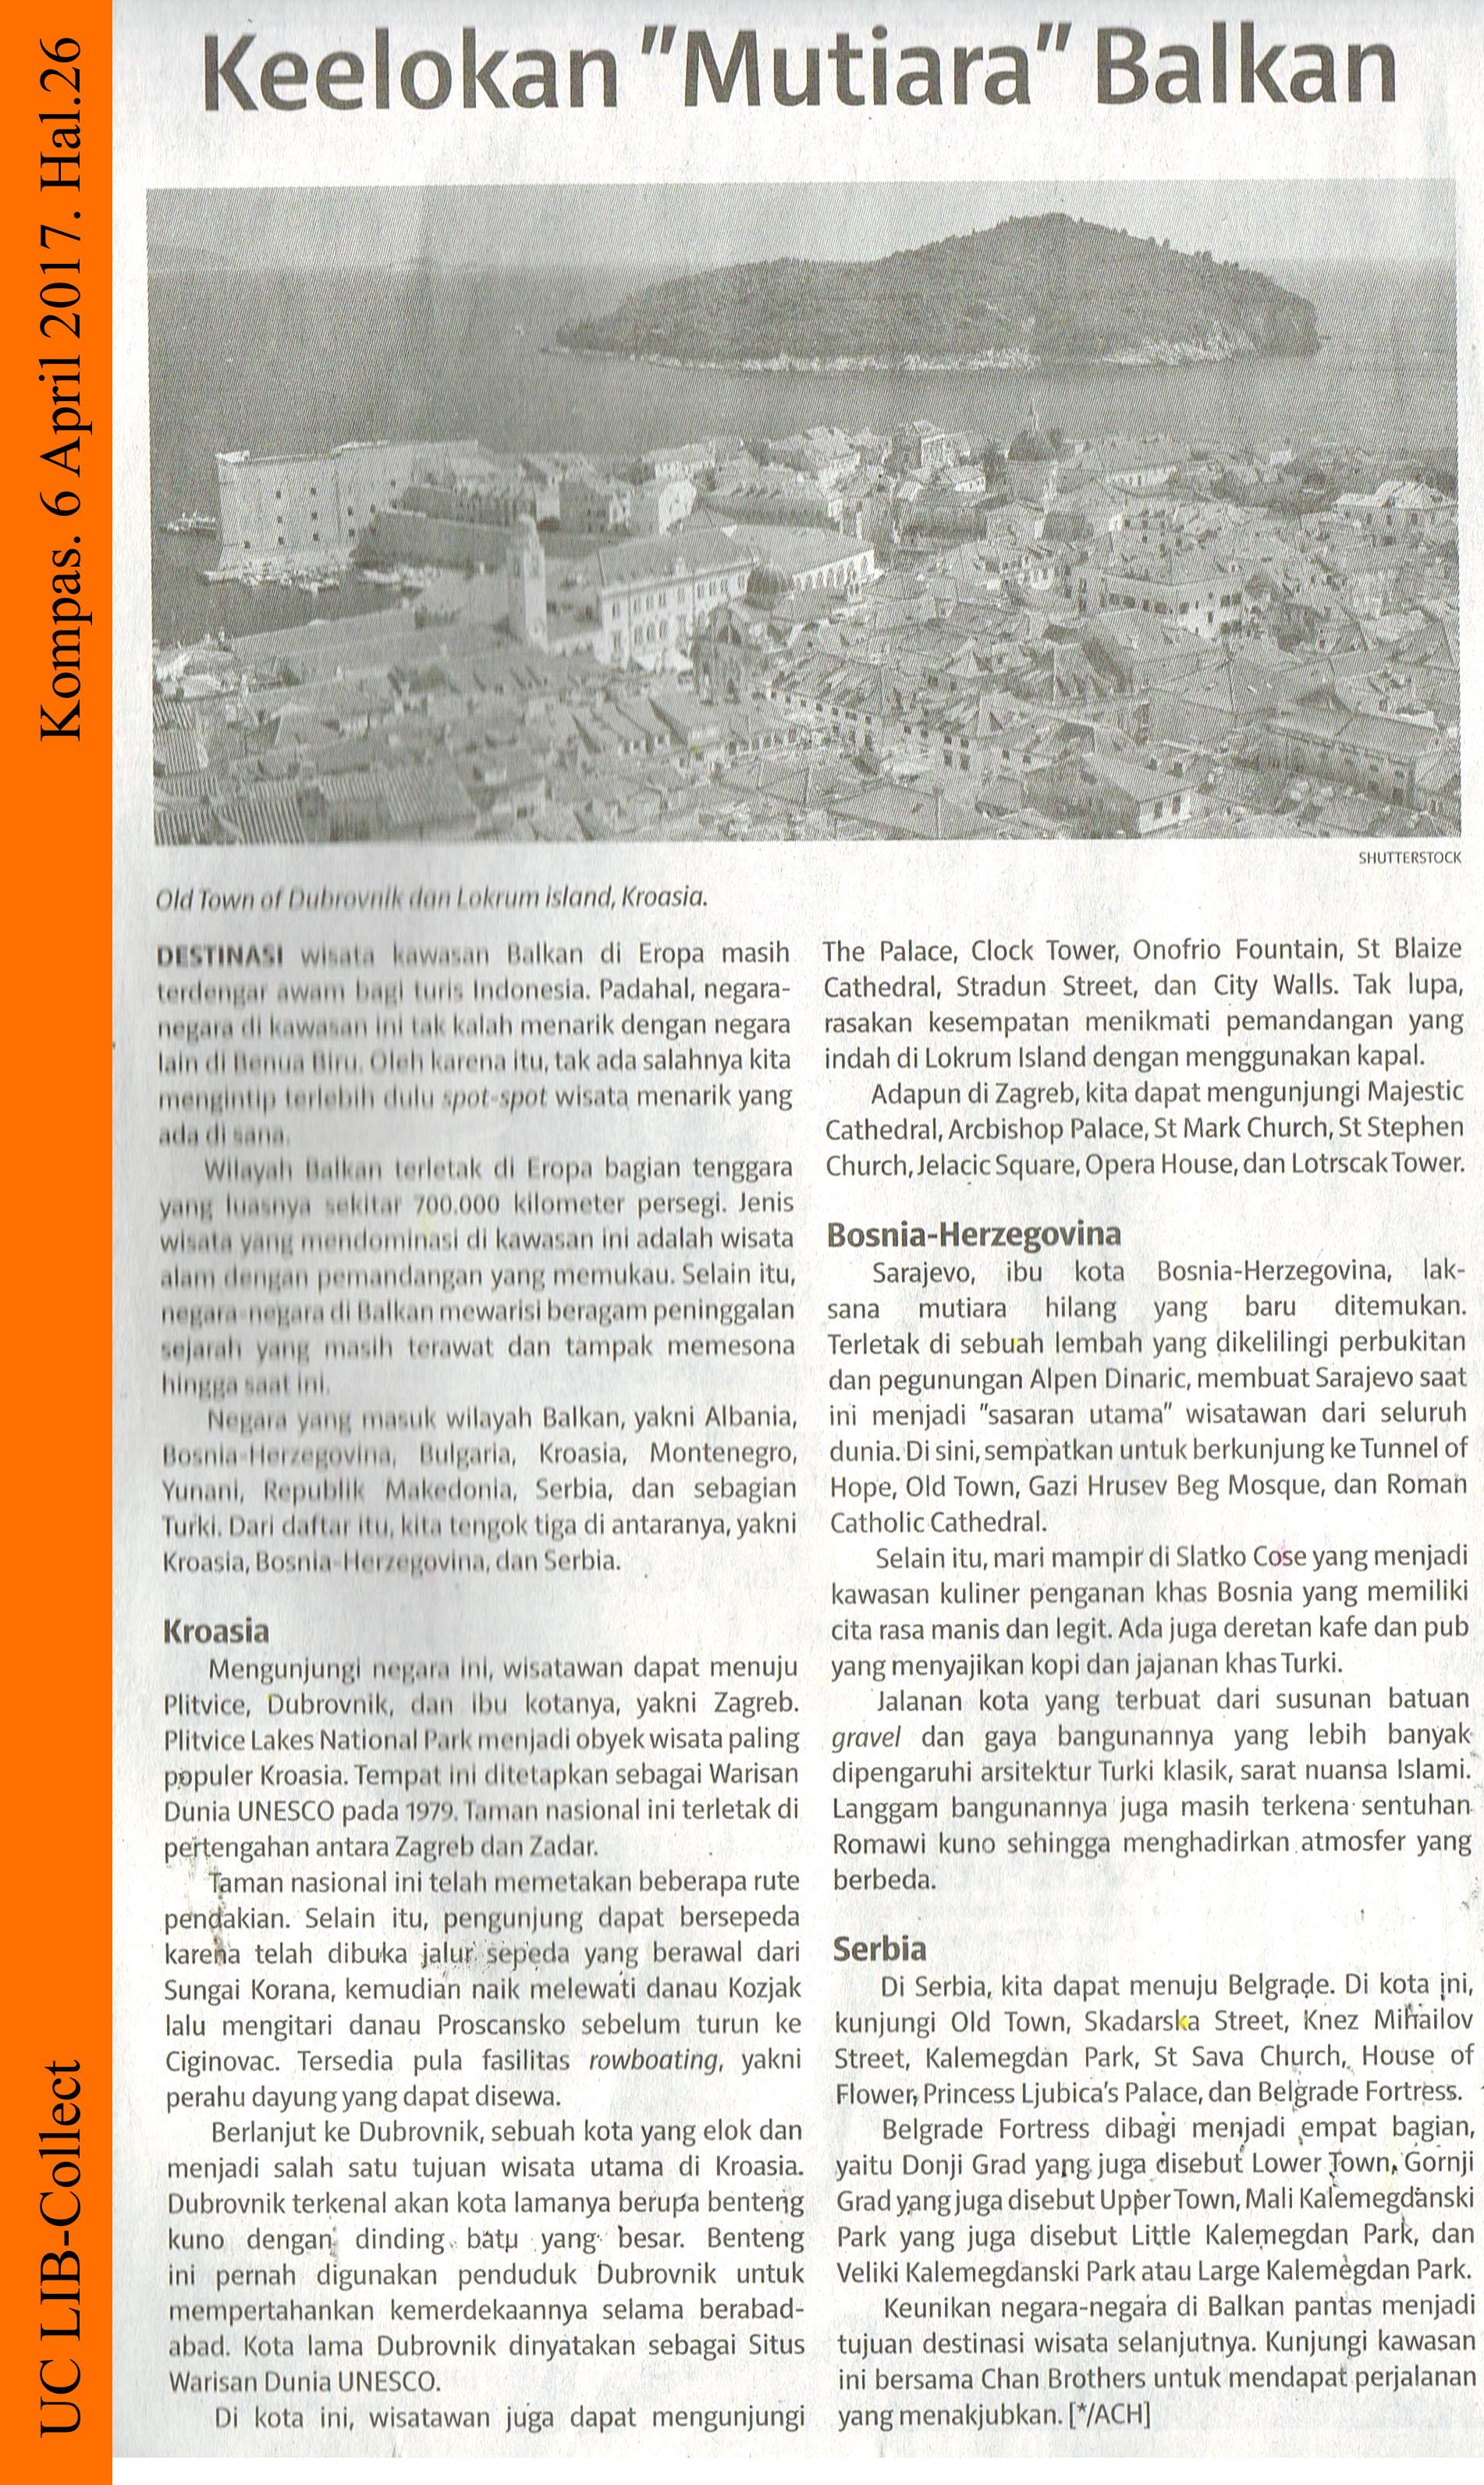 Keelokan Mutiara Balkan. Kompas. 6 April 2017. Hal.26